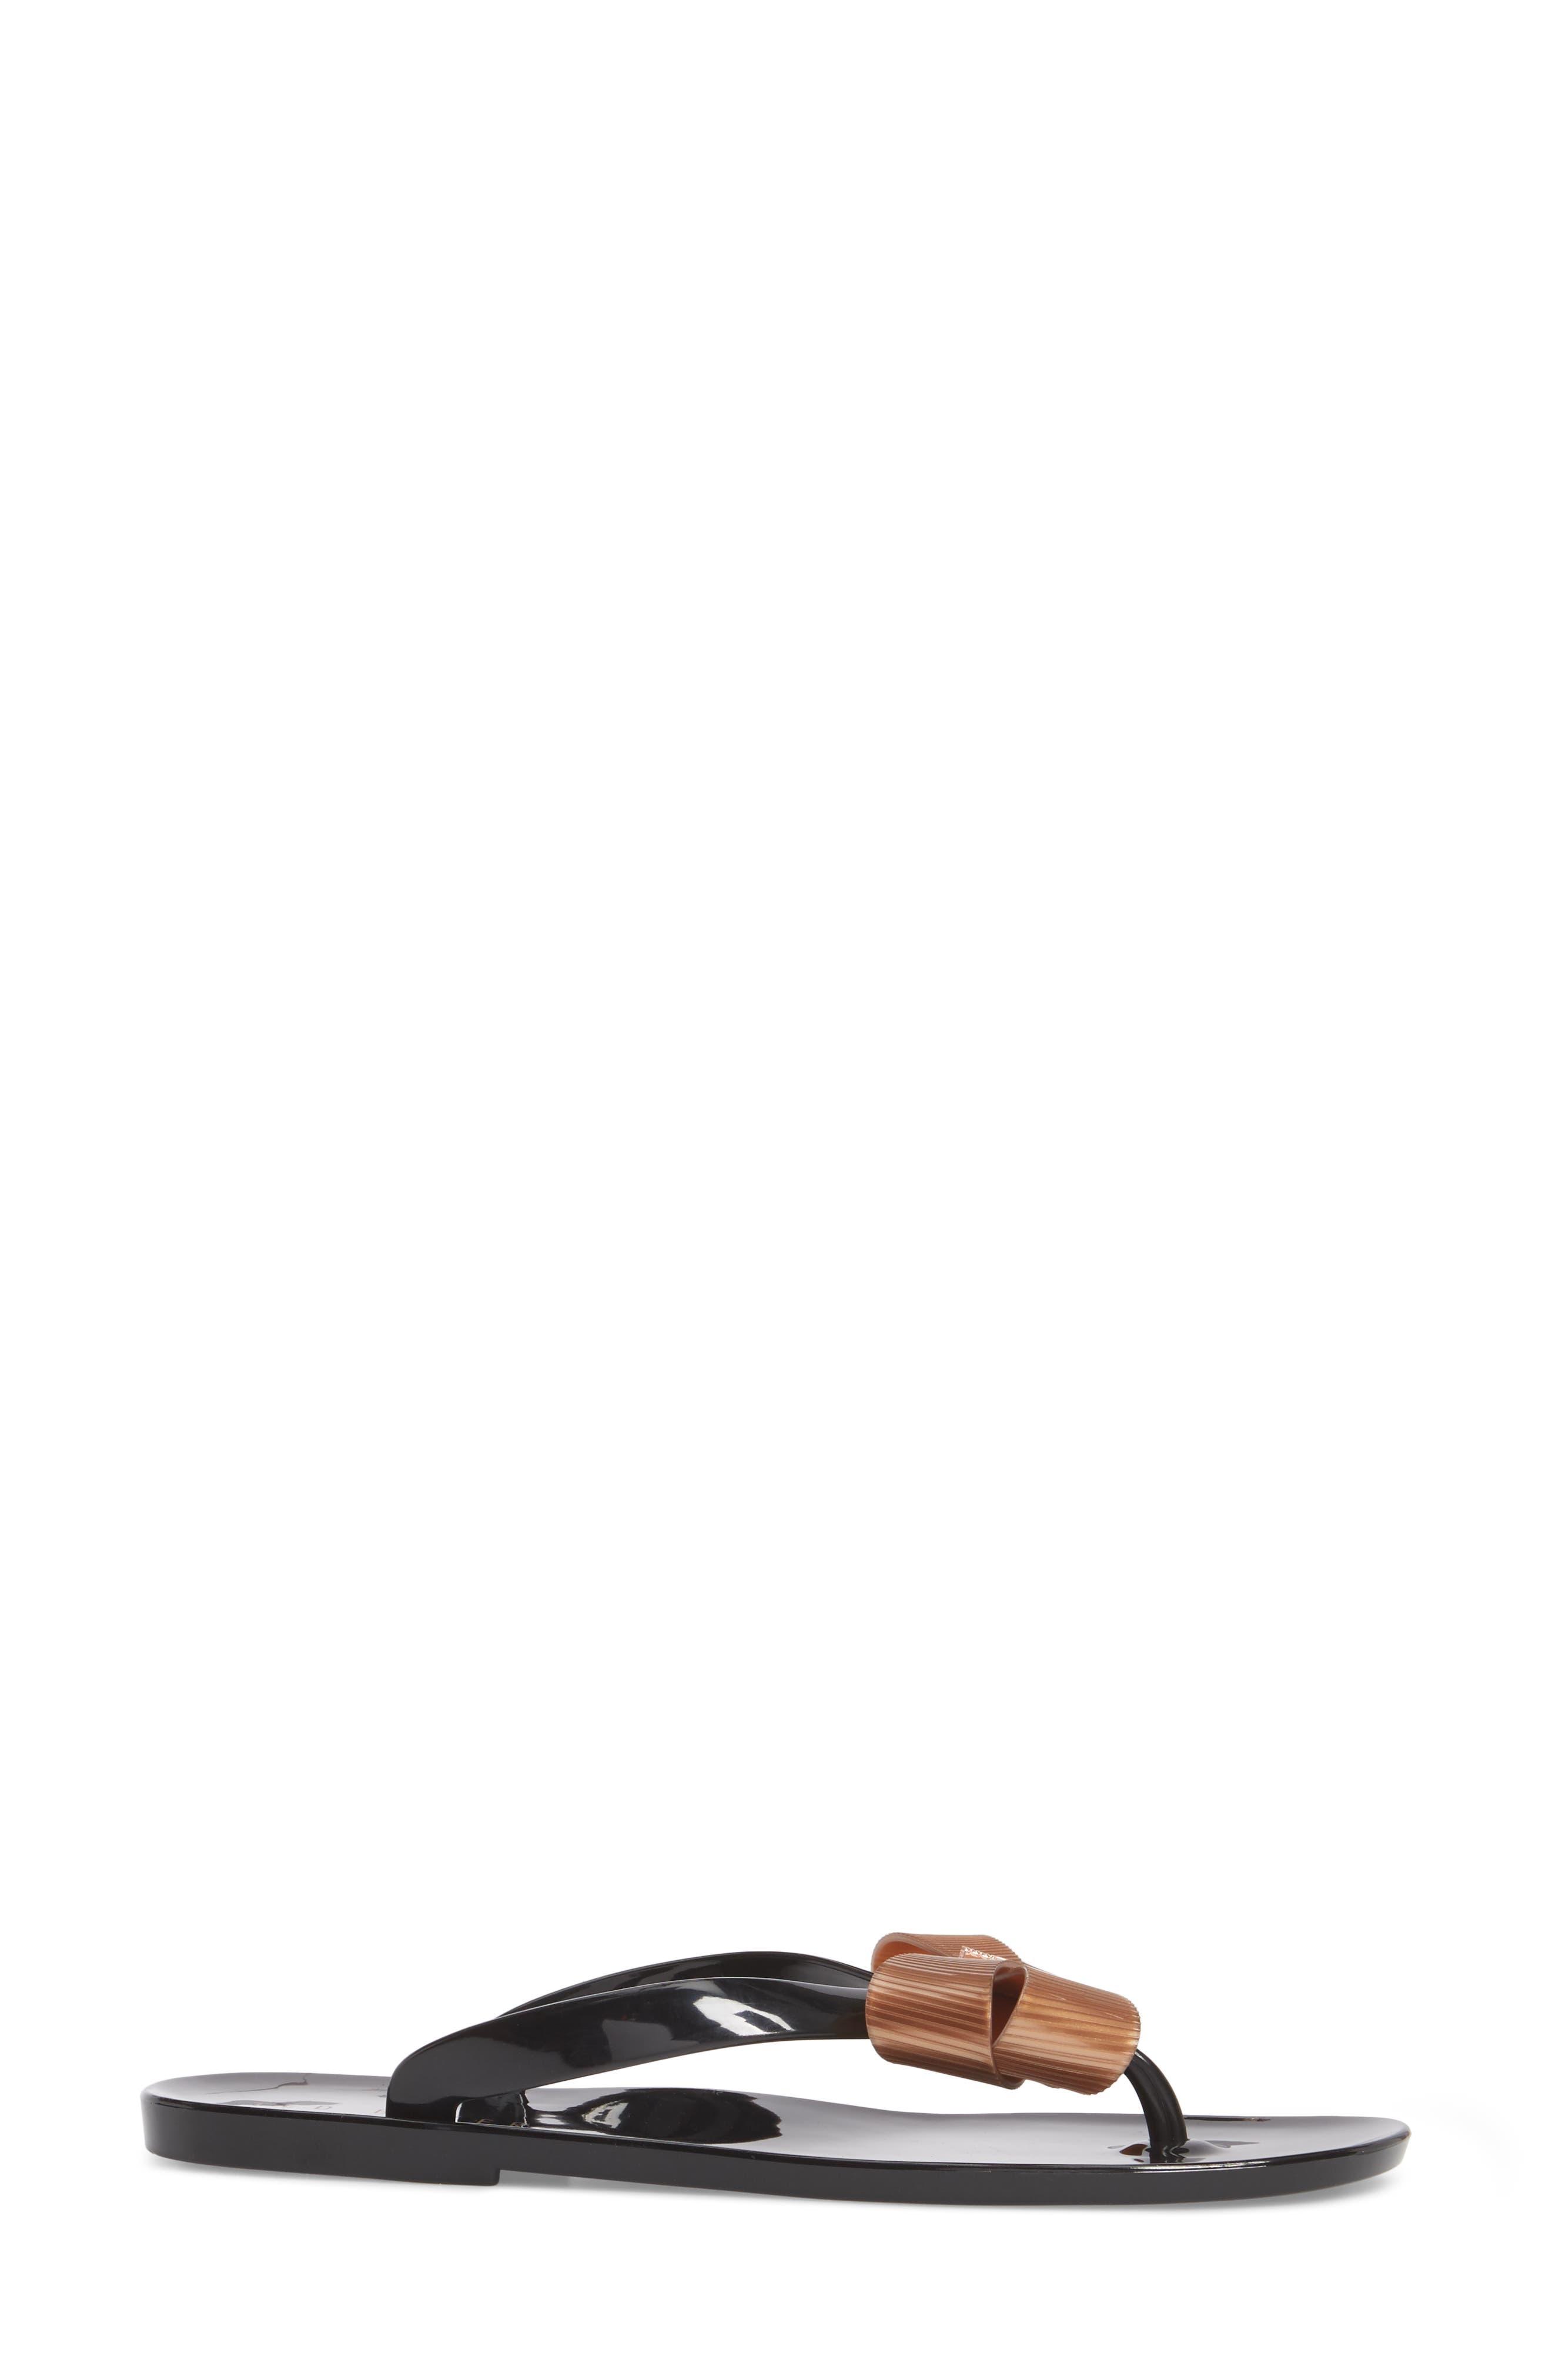 Suszie Flip Flop,                             Alternate thumbnail 3, color,                             BLACK/ ROSE GOLD